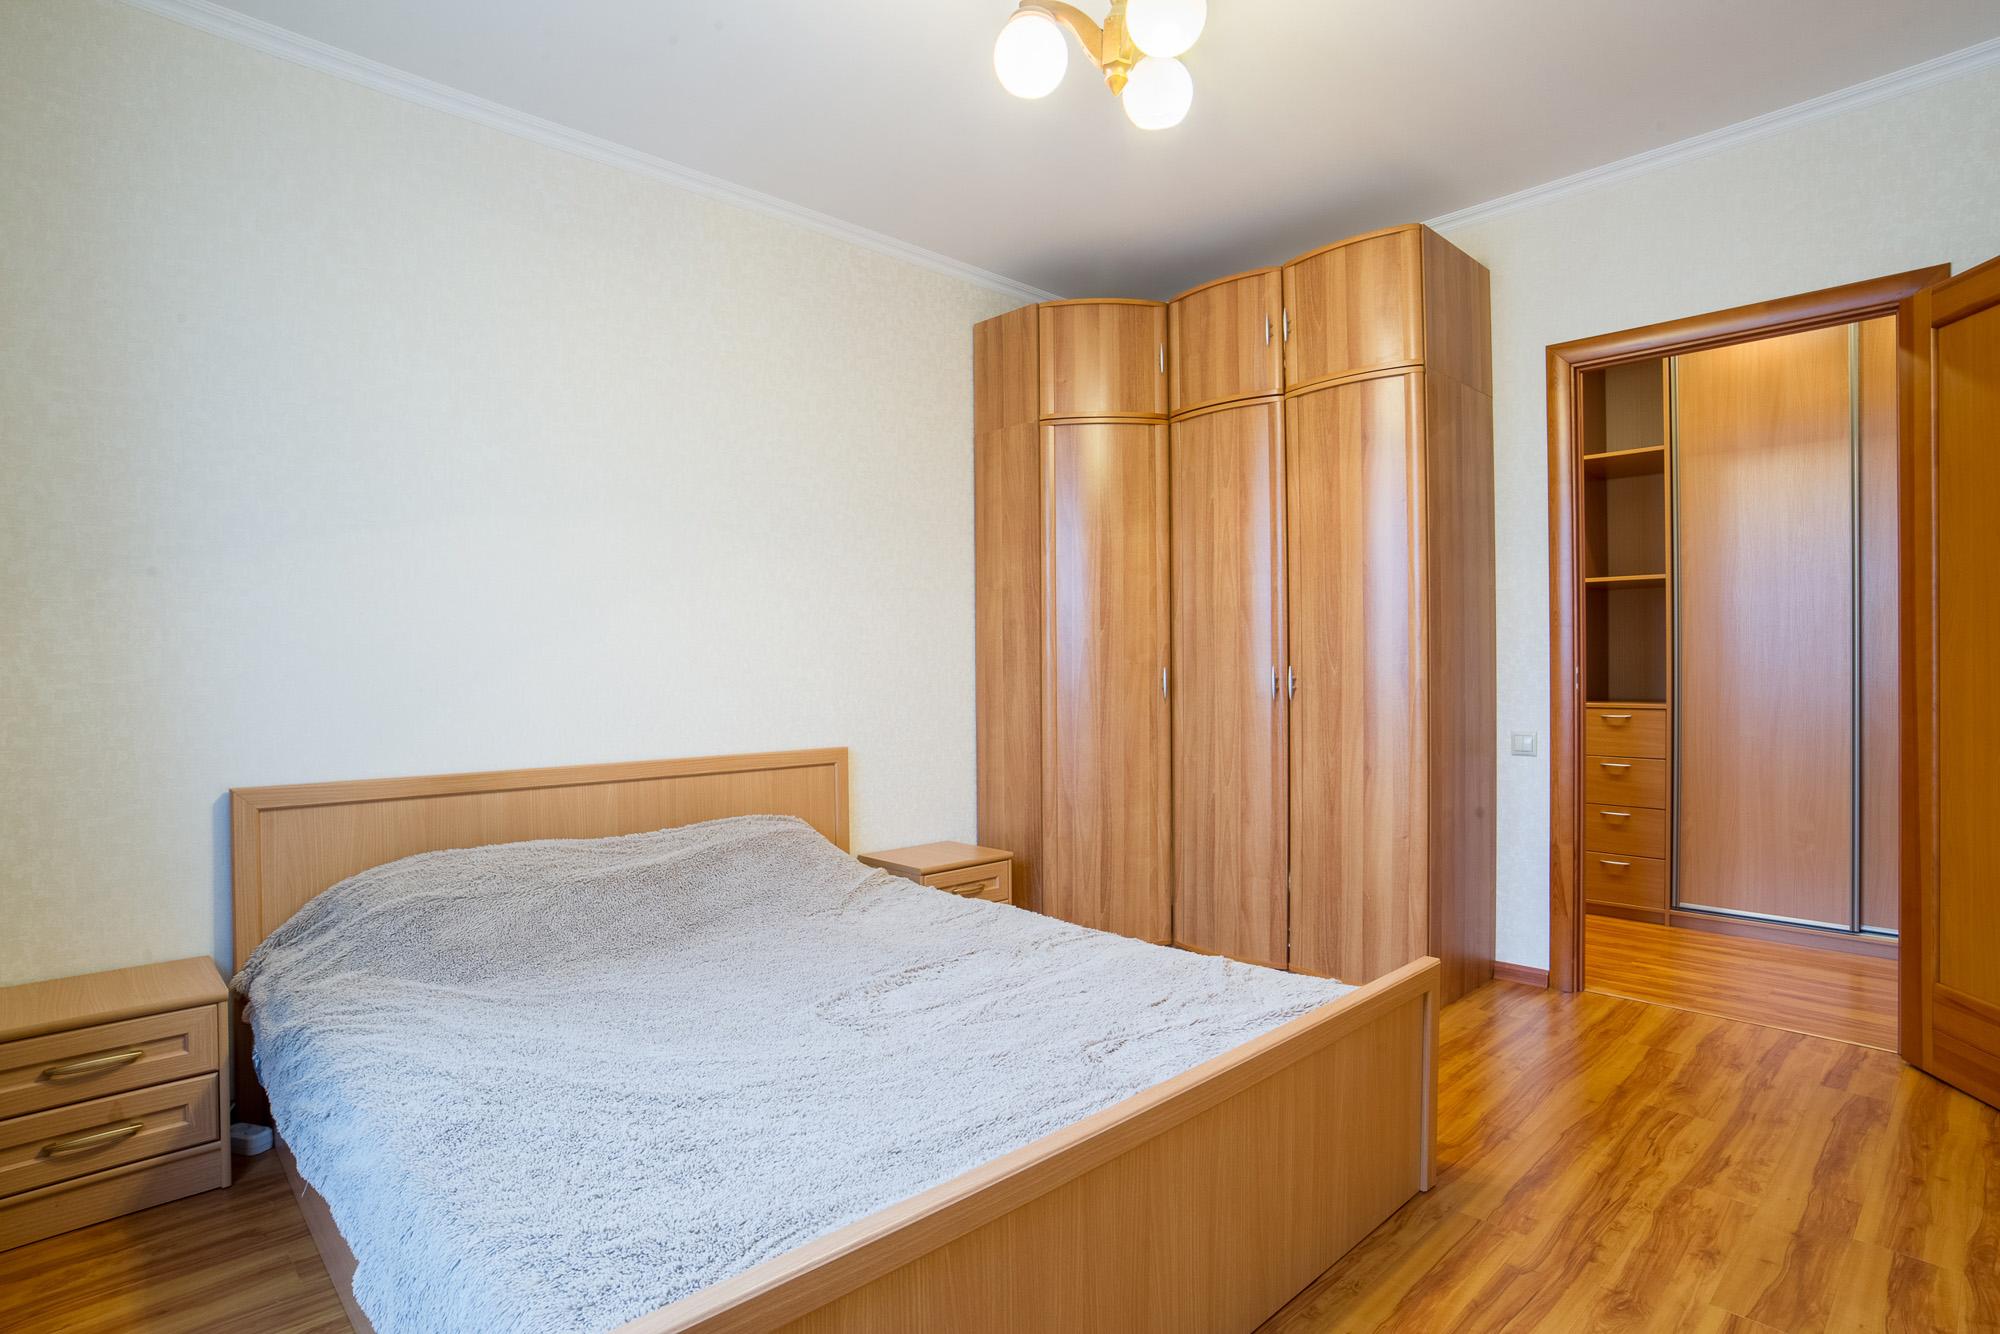 2016 12 25 Квартира-12